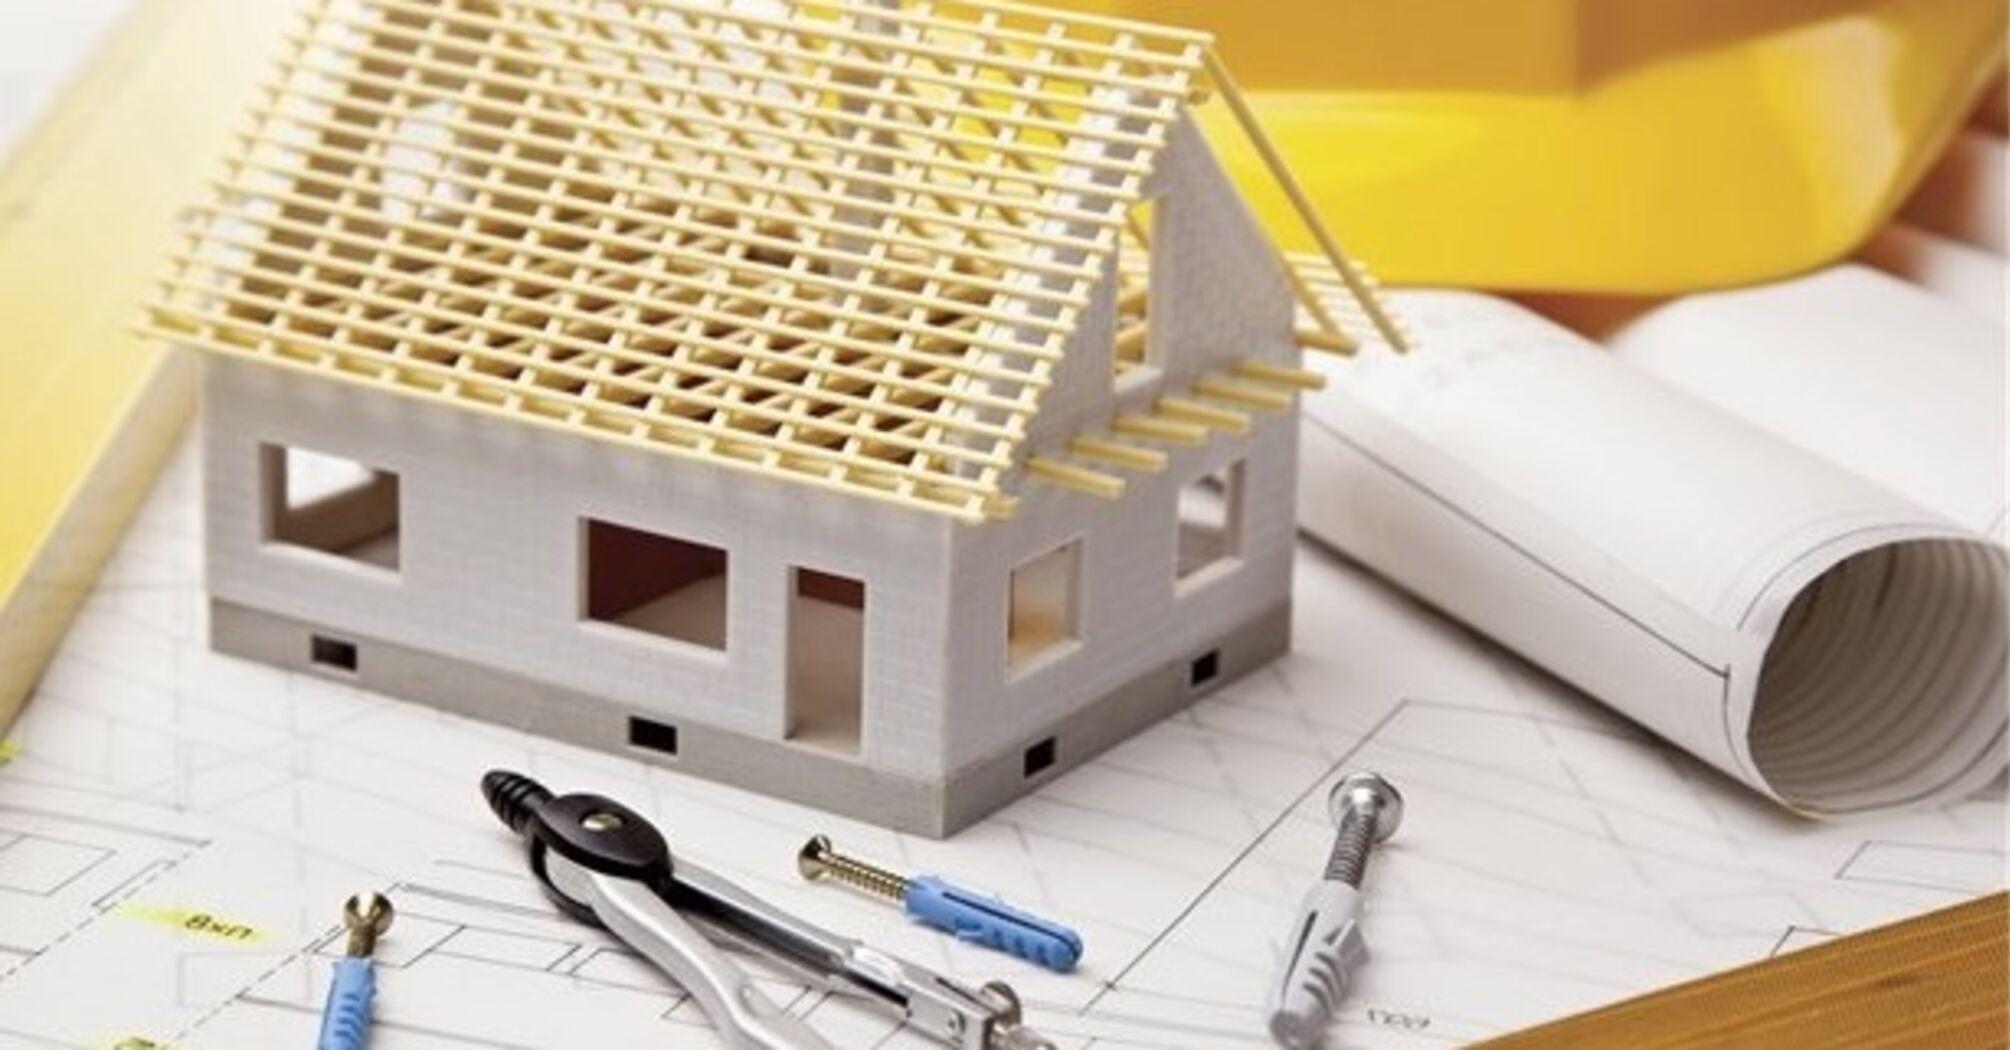 При видачі будівельного паспорта пропонується збільшити площу об'єктів до 500 кв.м